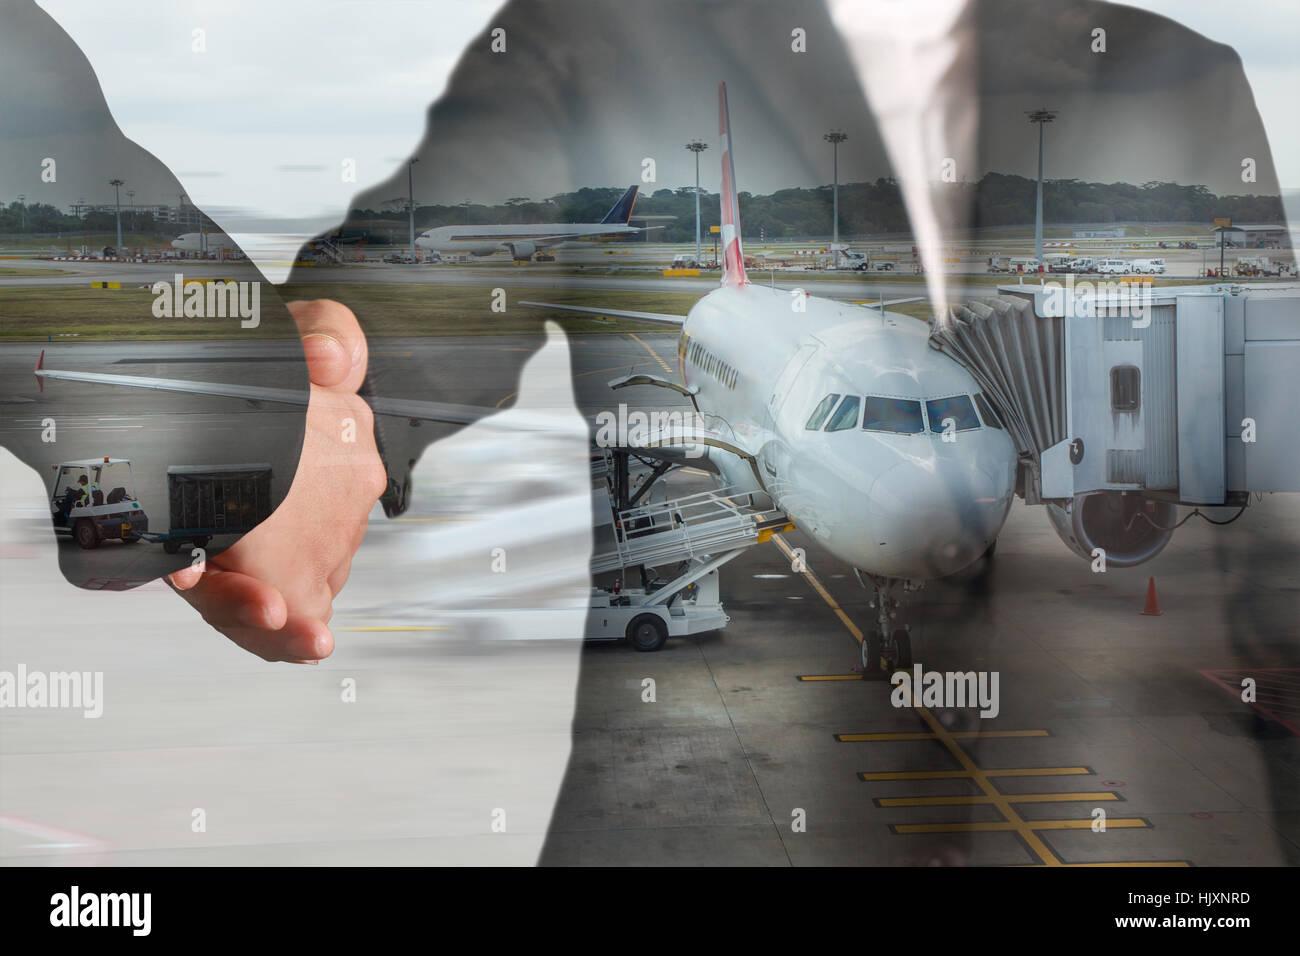 Doppelbelichtung Handshake und Flughafen auf Bewegung Hintergrund als Partnerschaft und Transport-Konzept. Stockbild